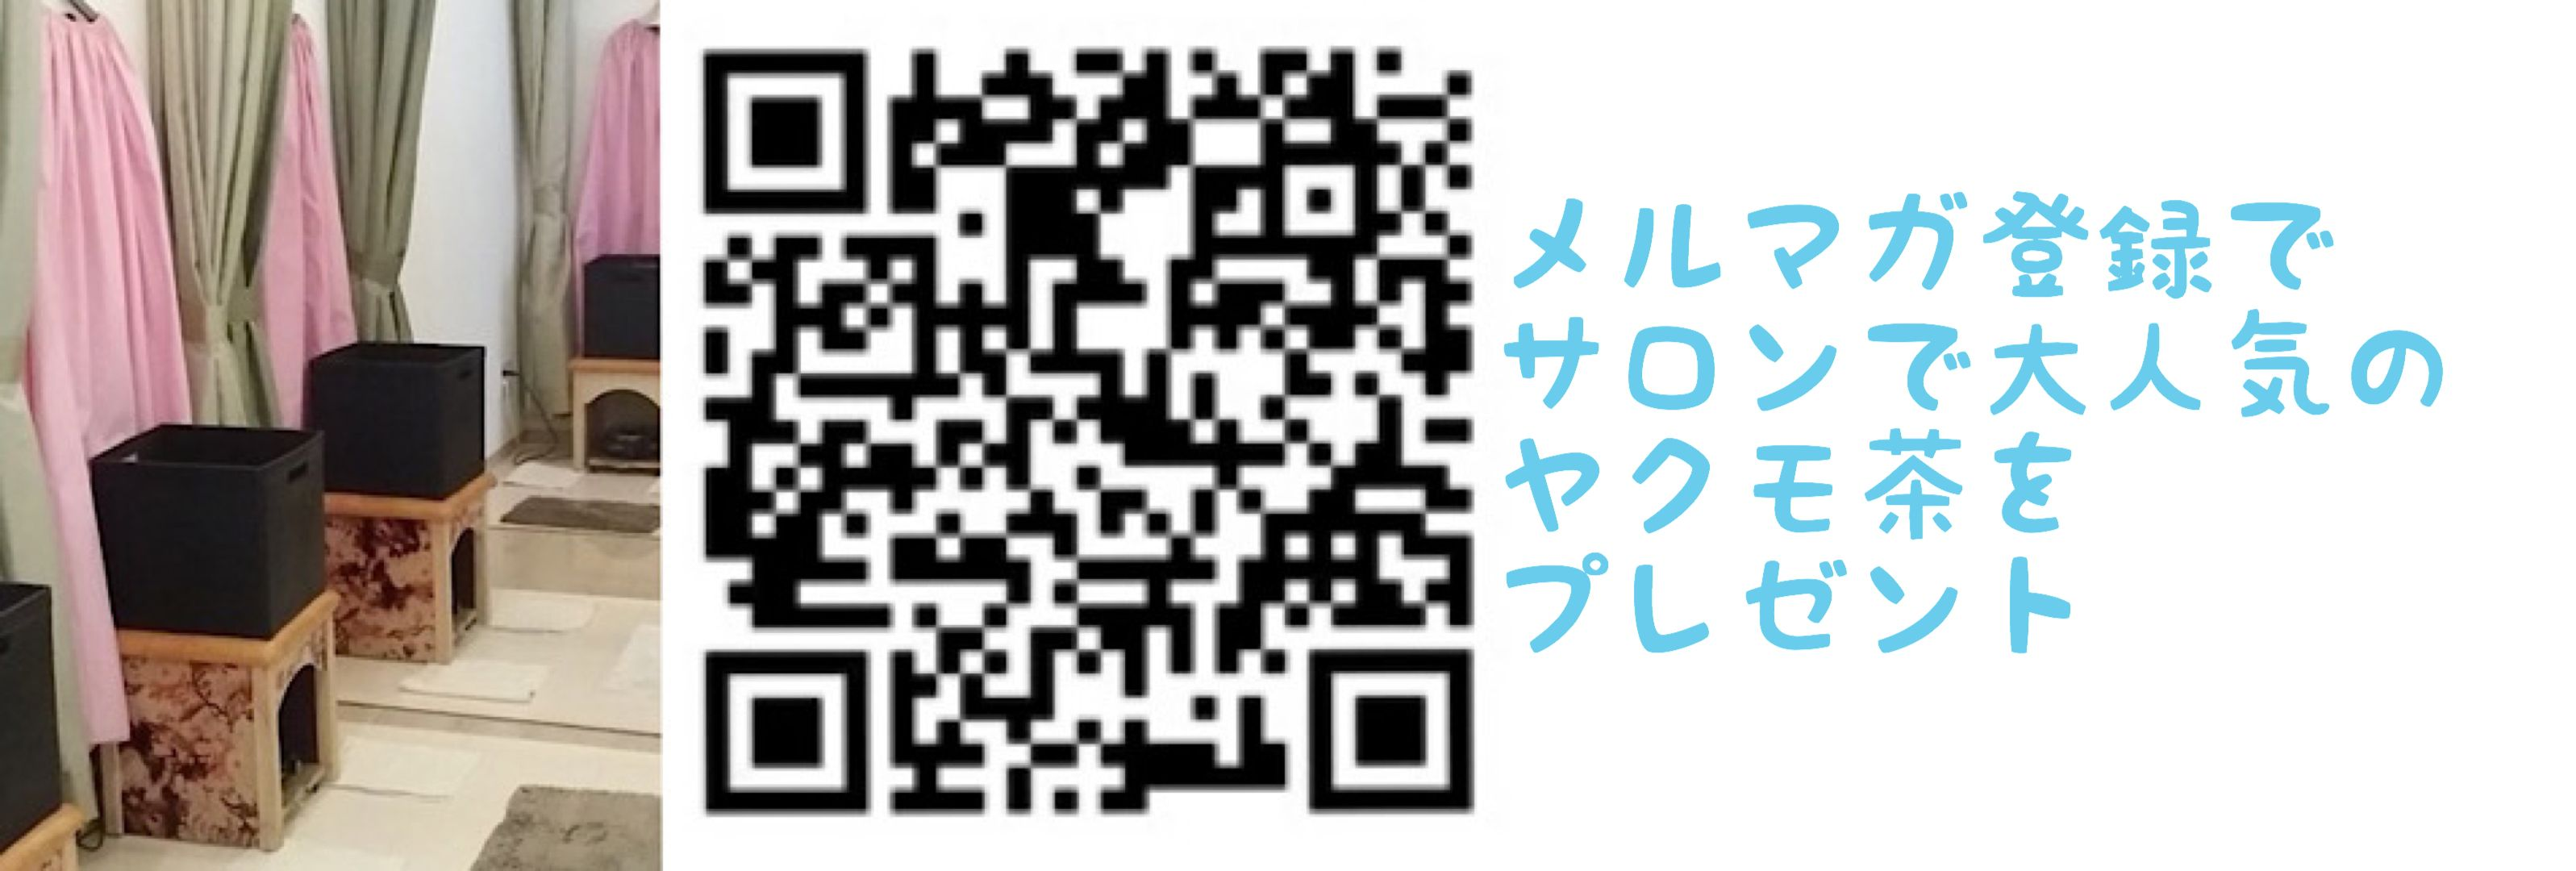 妊娠思考/よもぎ蒸しサロンMiRu/ 福岡市東区千早